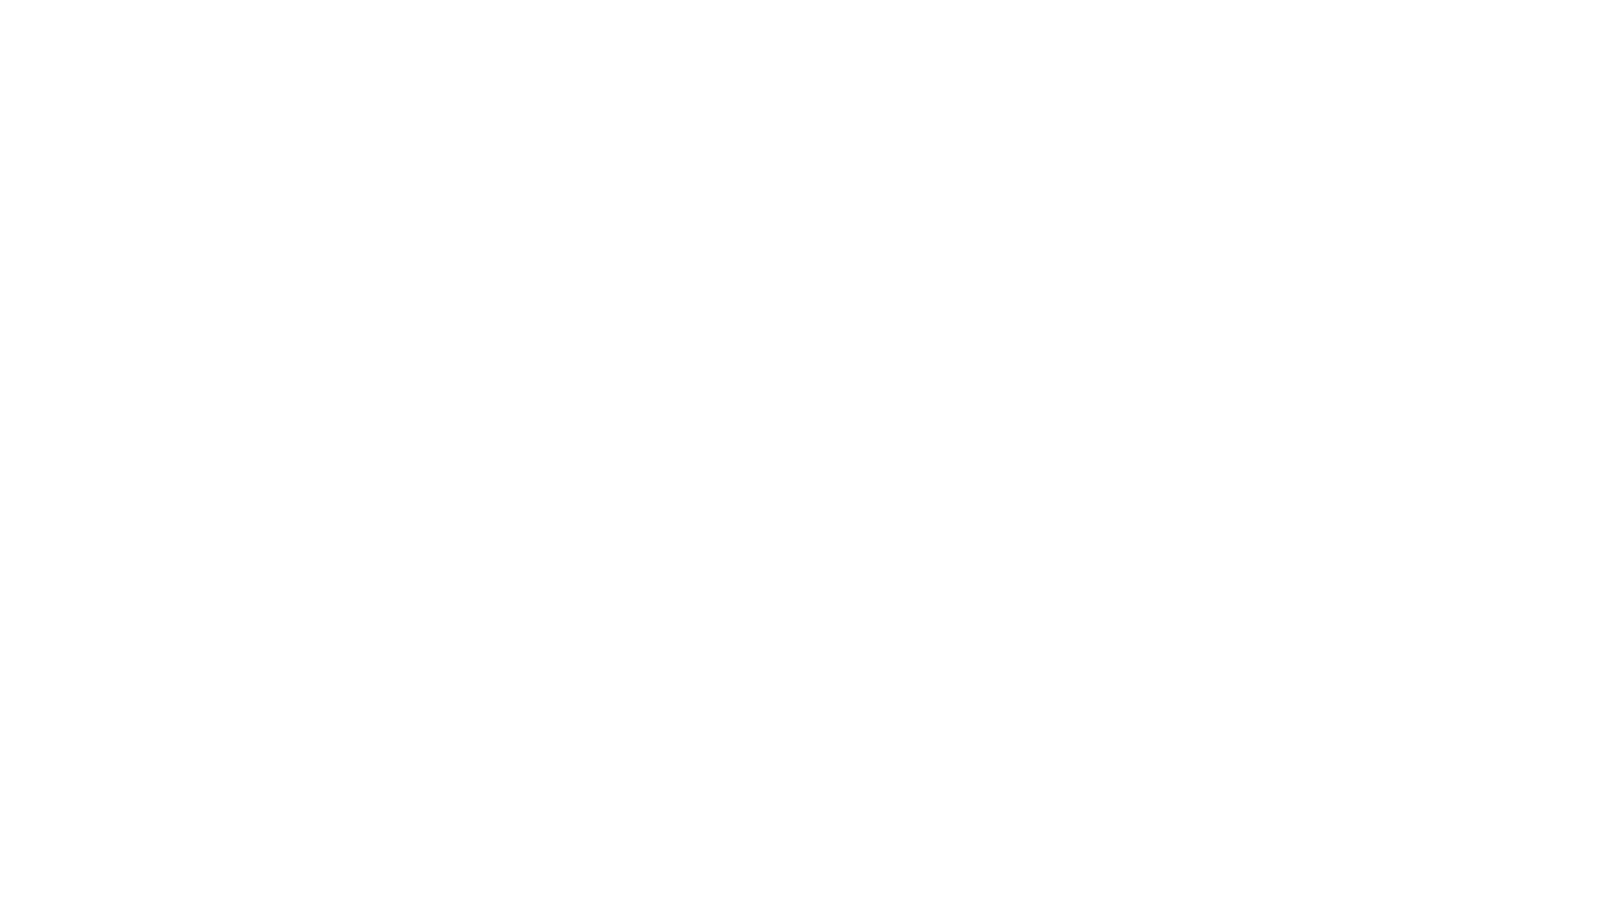 Neste vídeo iremos mostrar para vocês como é fácil e rápido instalar o Wordpress em hospedagem cPanel da Brasil Web Host.  Todos nossos servidores possuem Softaculous, uma ferramenta com mais de 460 scripts prontos para serem instalados, entre eles, Wordpress, Joomla, PrestaShop, WHMCS. Se você ainda não conhece nossos planos acesse: https://brasilwebhost.com.br